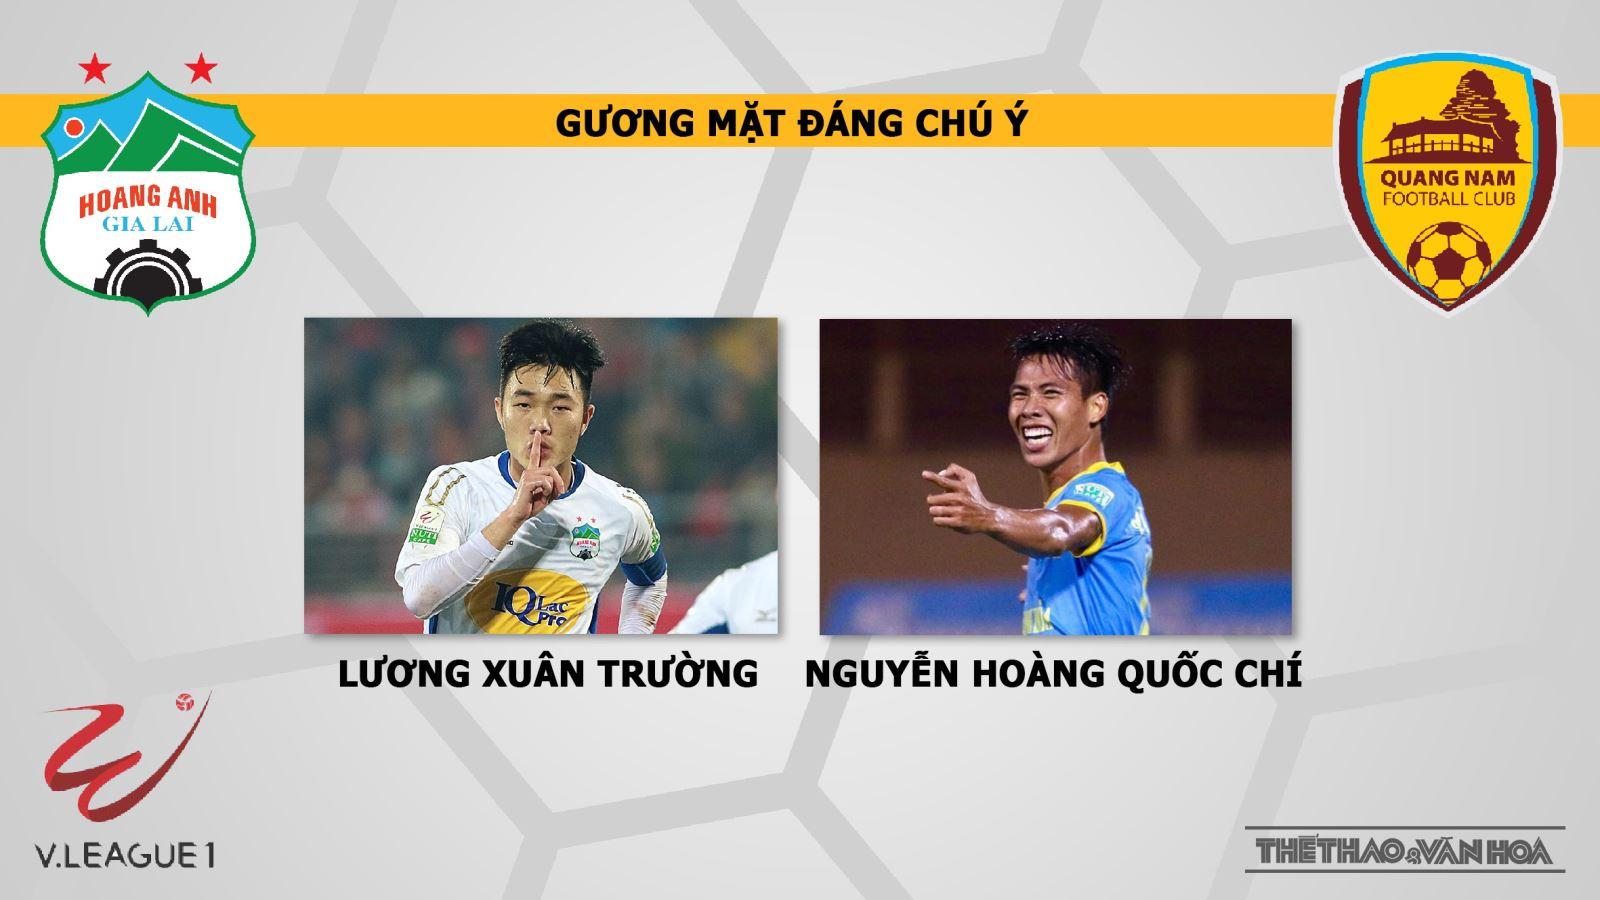 VTV6, HAGL đấu với Quảng Nam, trực tiếp bóng đá, HAGL vs Quảng Nam, truc tiep bong da hôm nay, Hoàng Anh Gia Lai, xem bóng đá trực tuyến, V League 2019, bóng đá TV, TTTV